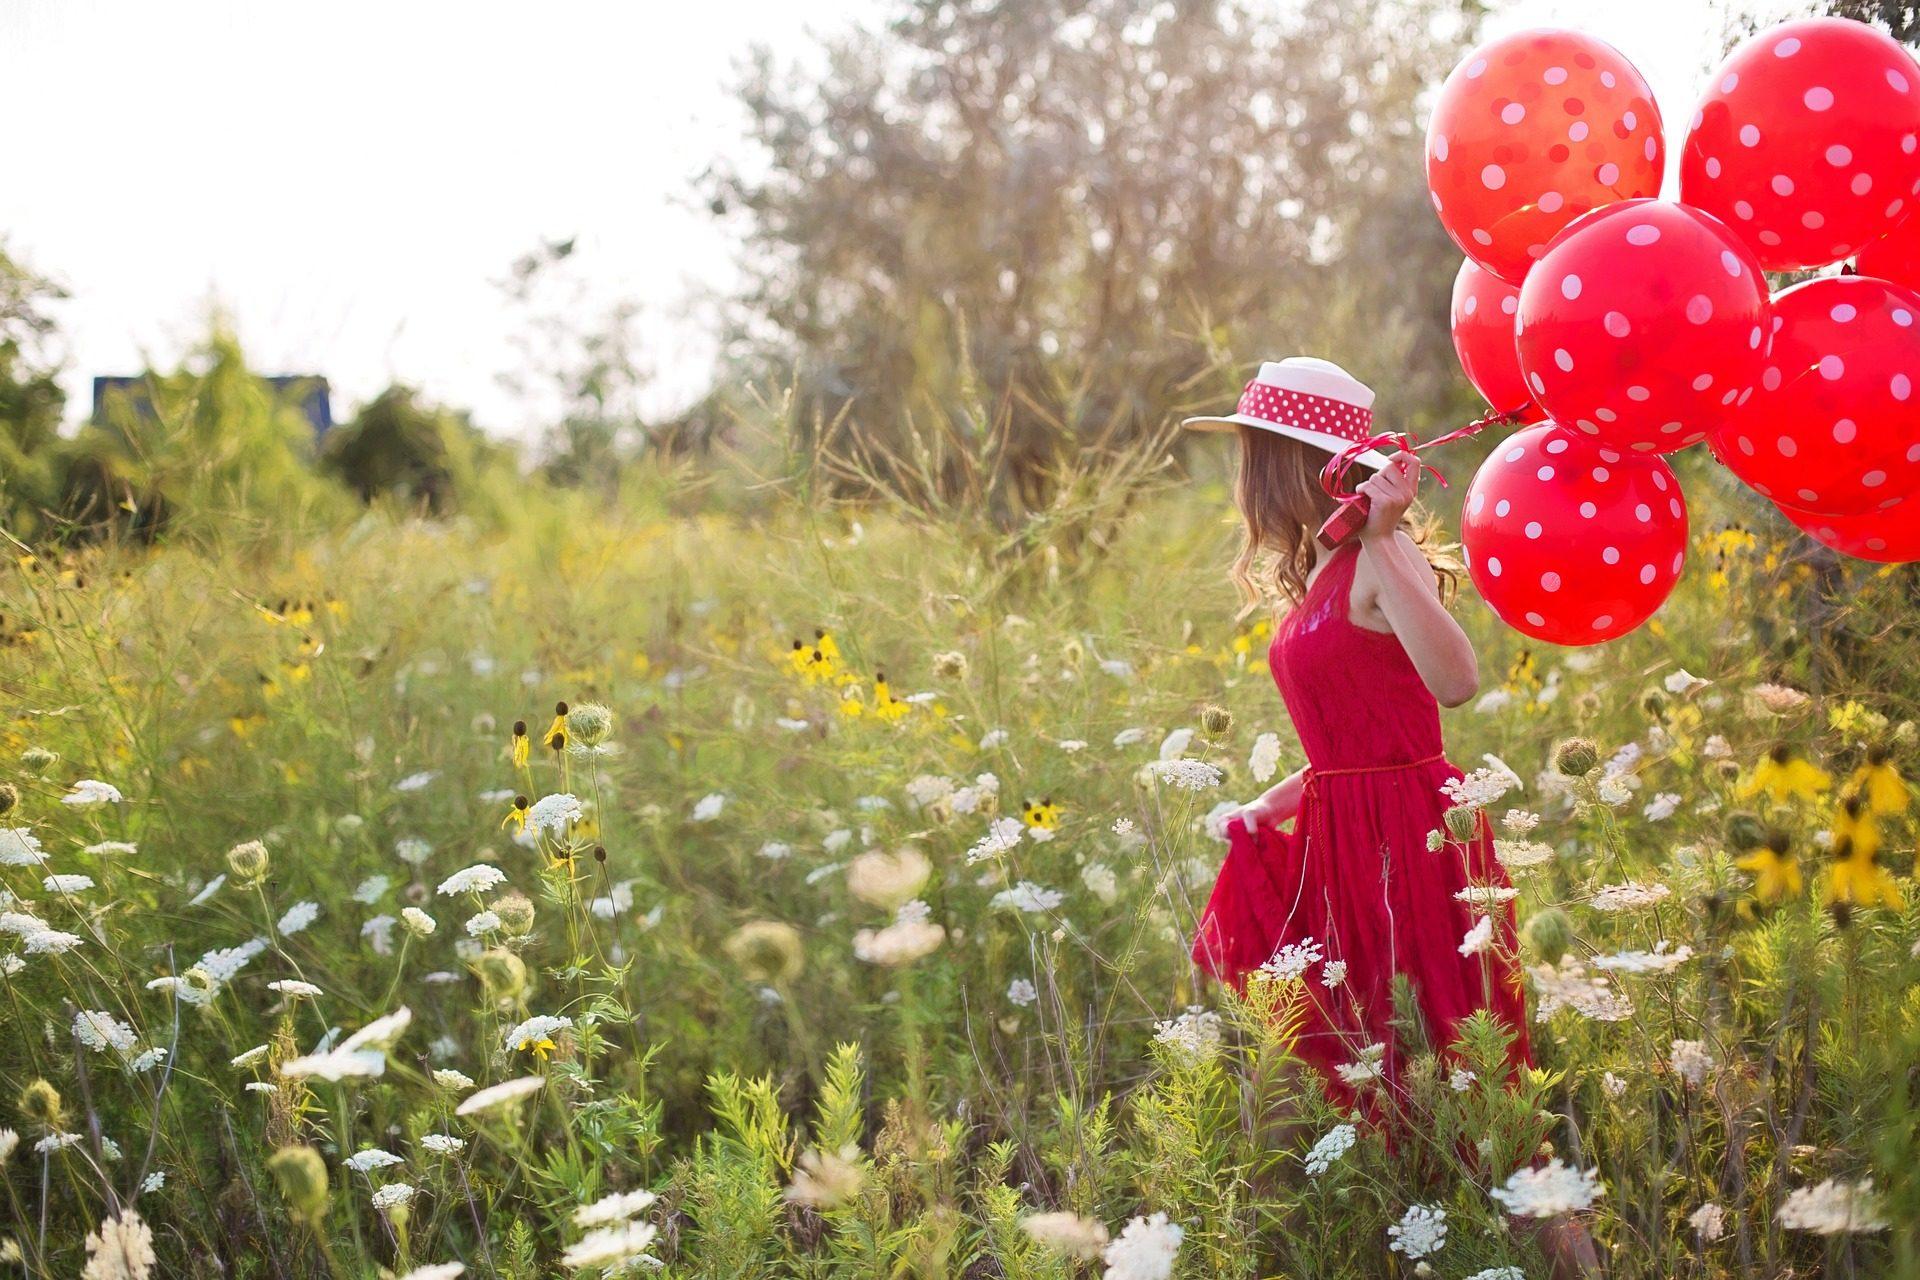 mujer, vestido, globos, sombrero, campo, vegetación - Fondos de Pantalla HD - professor-falken.com